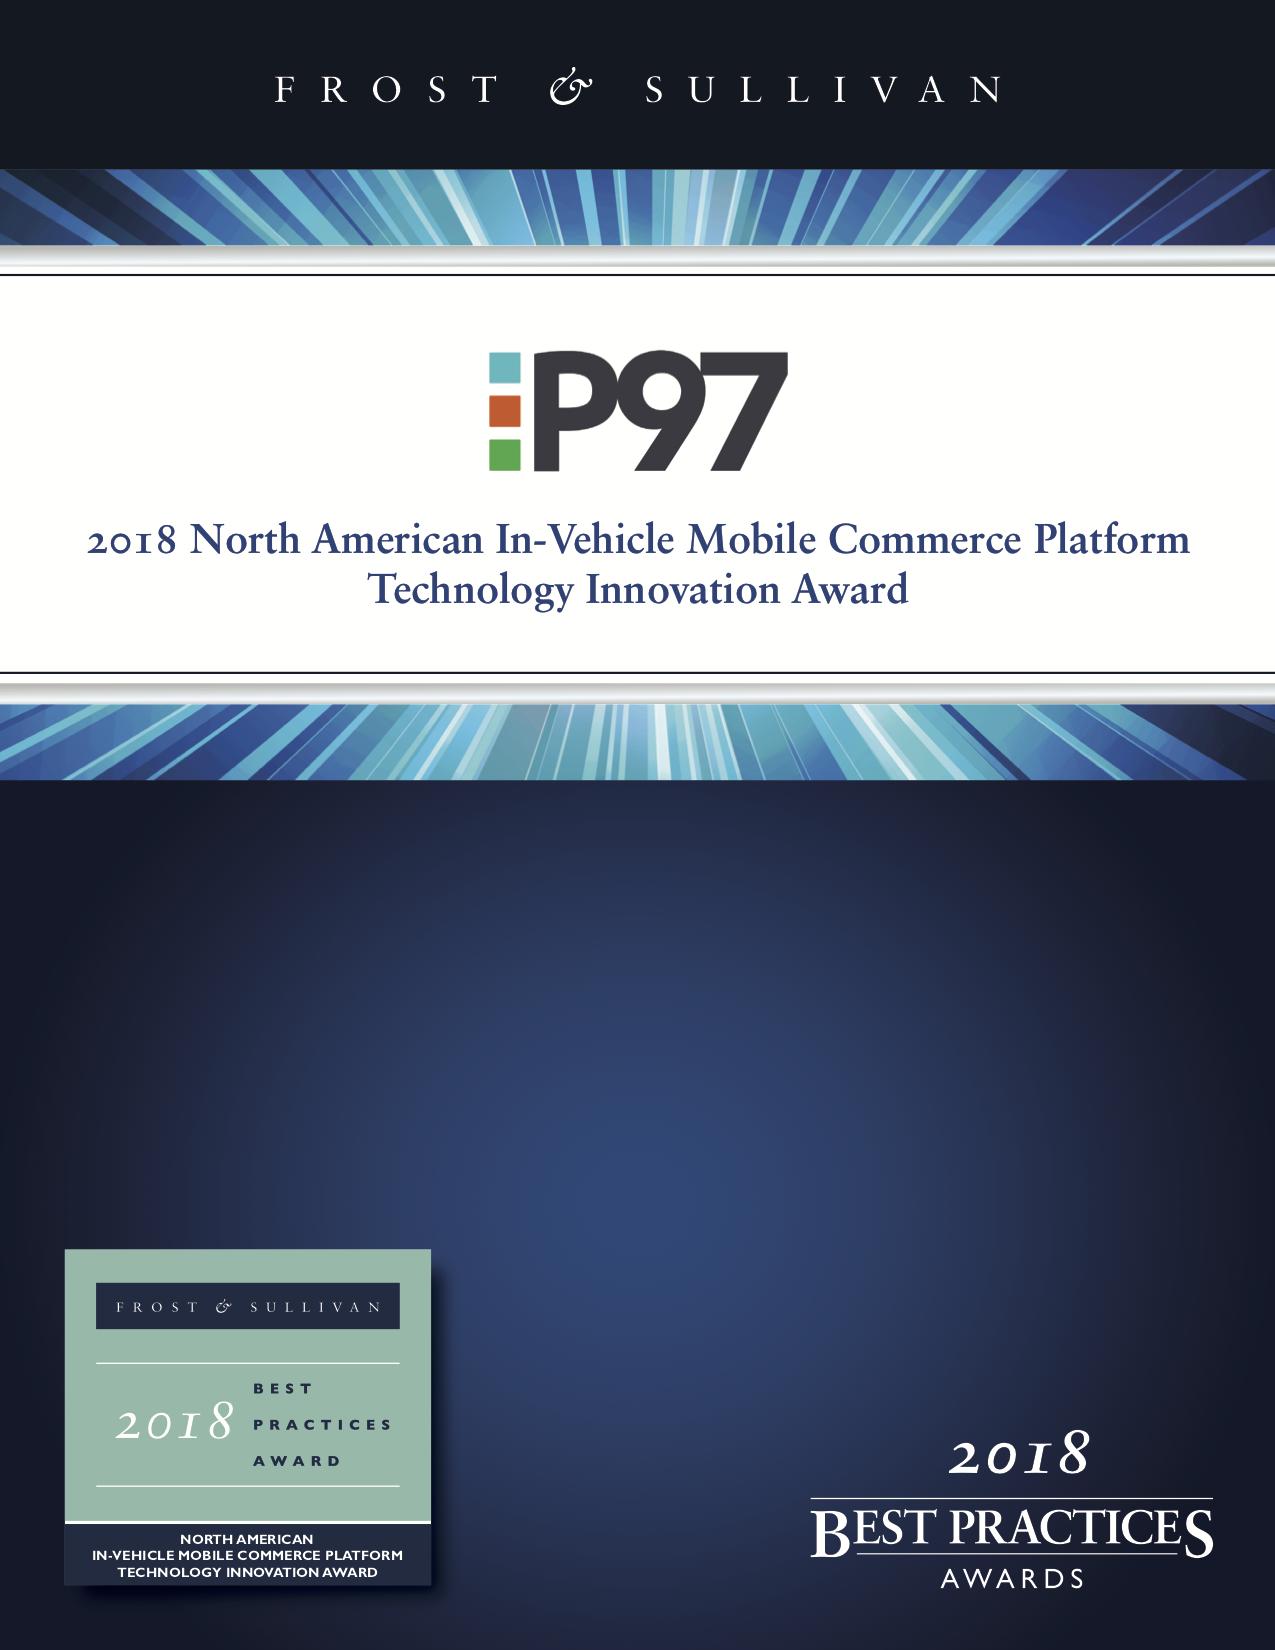 P97 Award Write Up[2] (dragged)